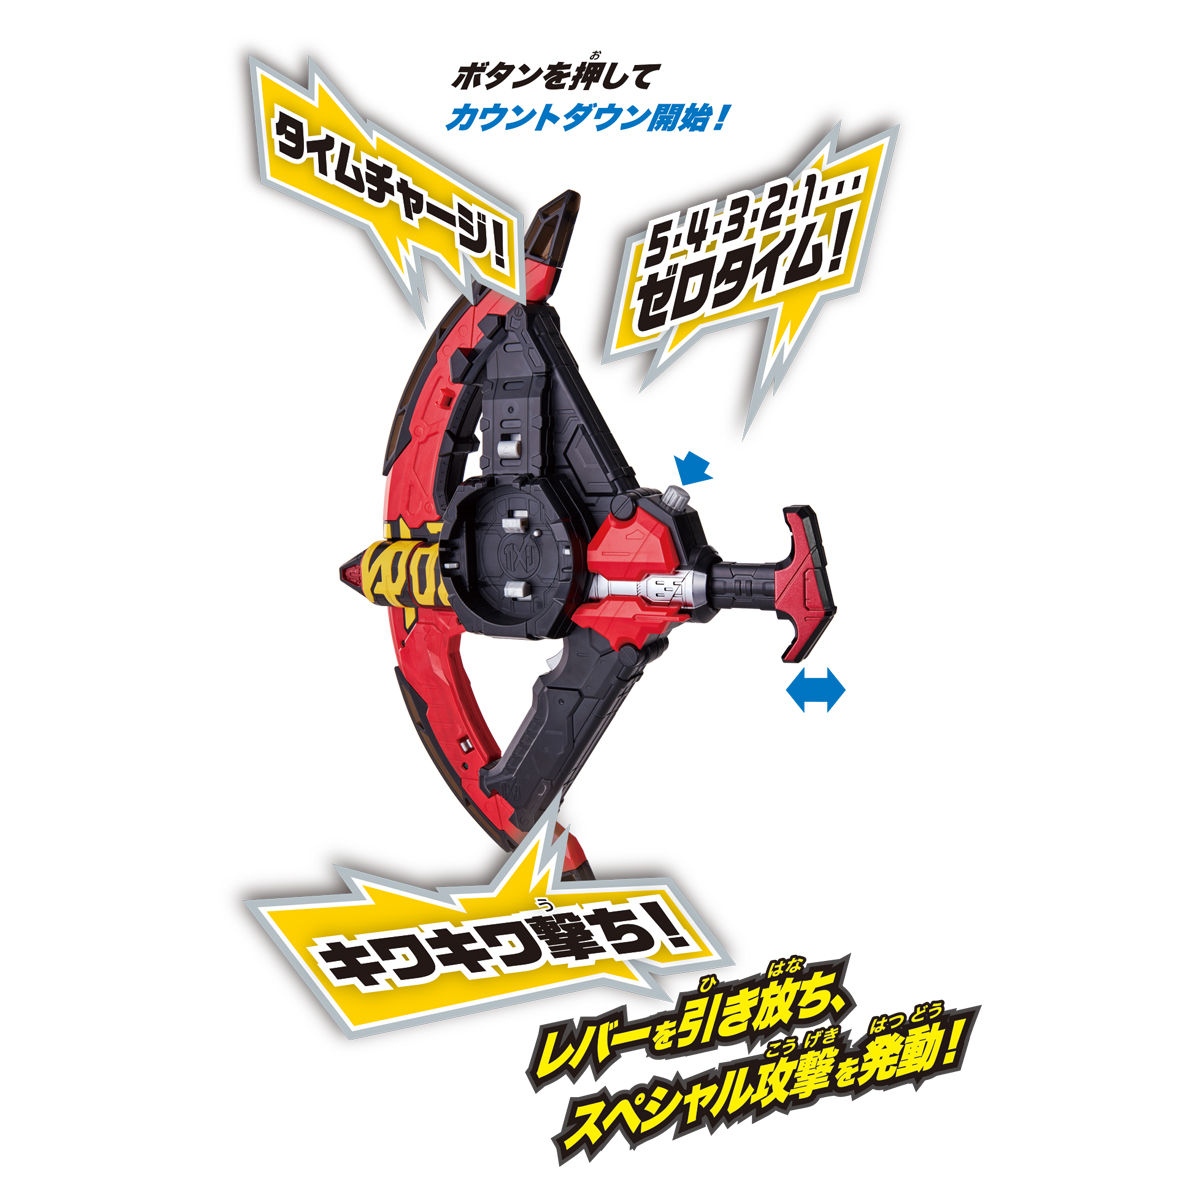 仮面ライダージオウ『時間厳斧DXジカンザックス』変身なりきり-007